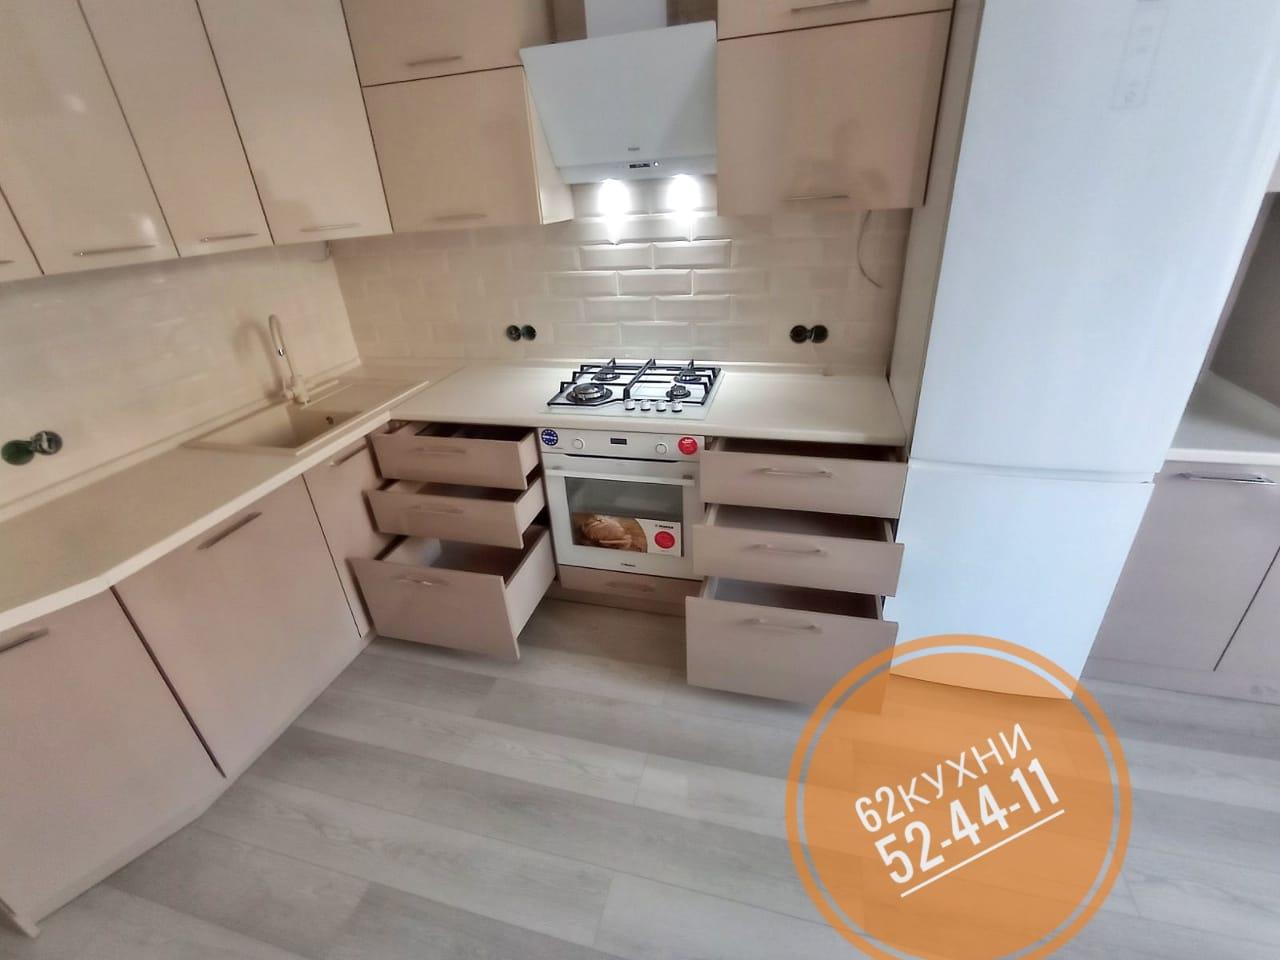 Угловая кухня с пластиковыми фасадами в нежных пастельных цветах